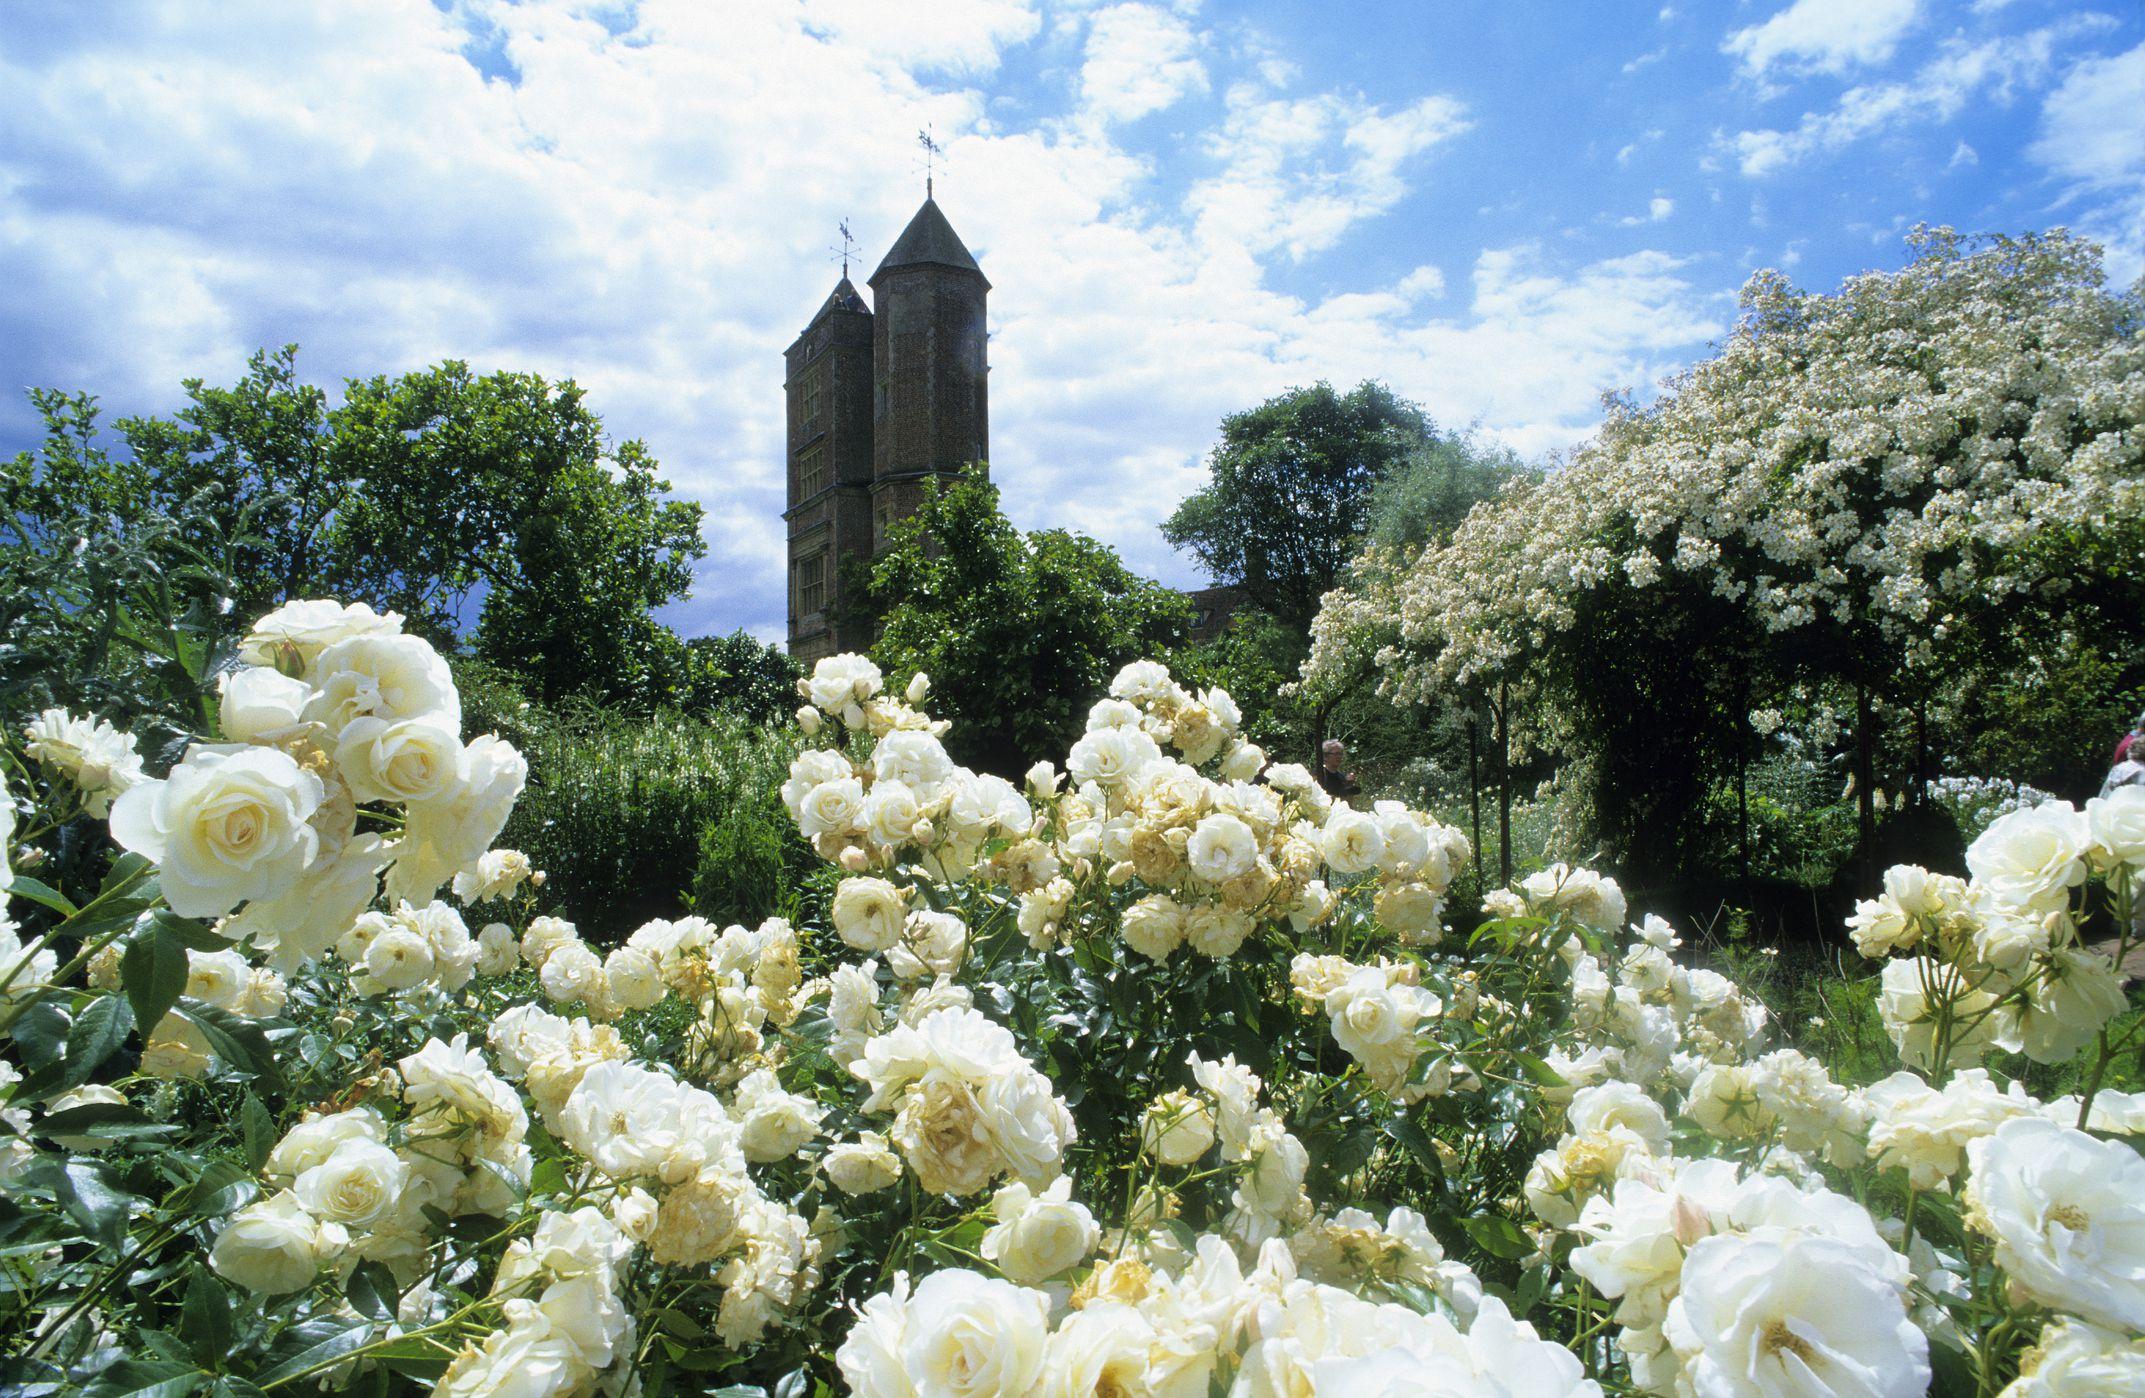 designing a white flower garden gardening ideas - Flower Garden Ideas With Roses